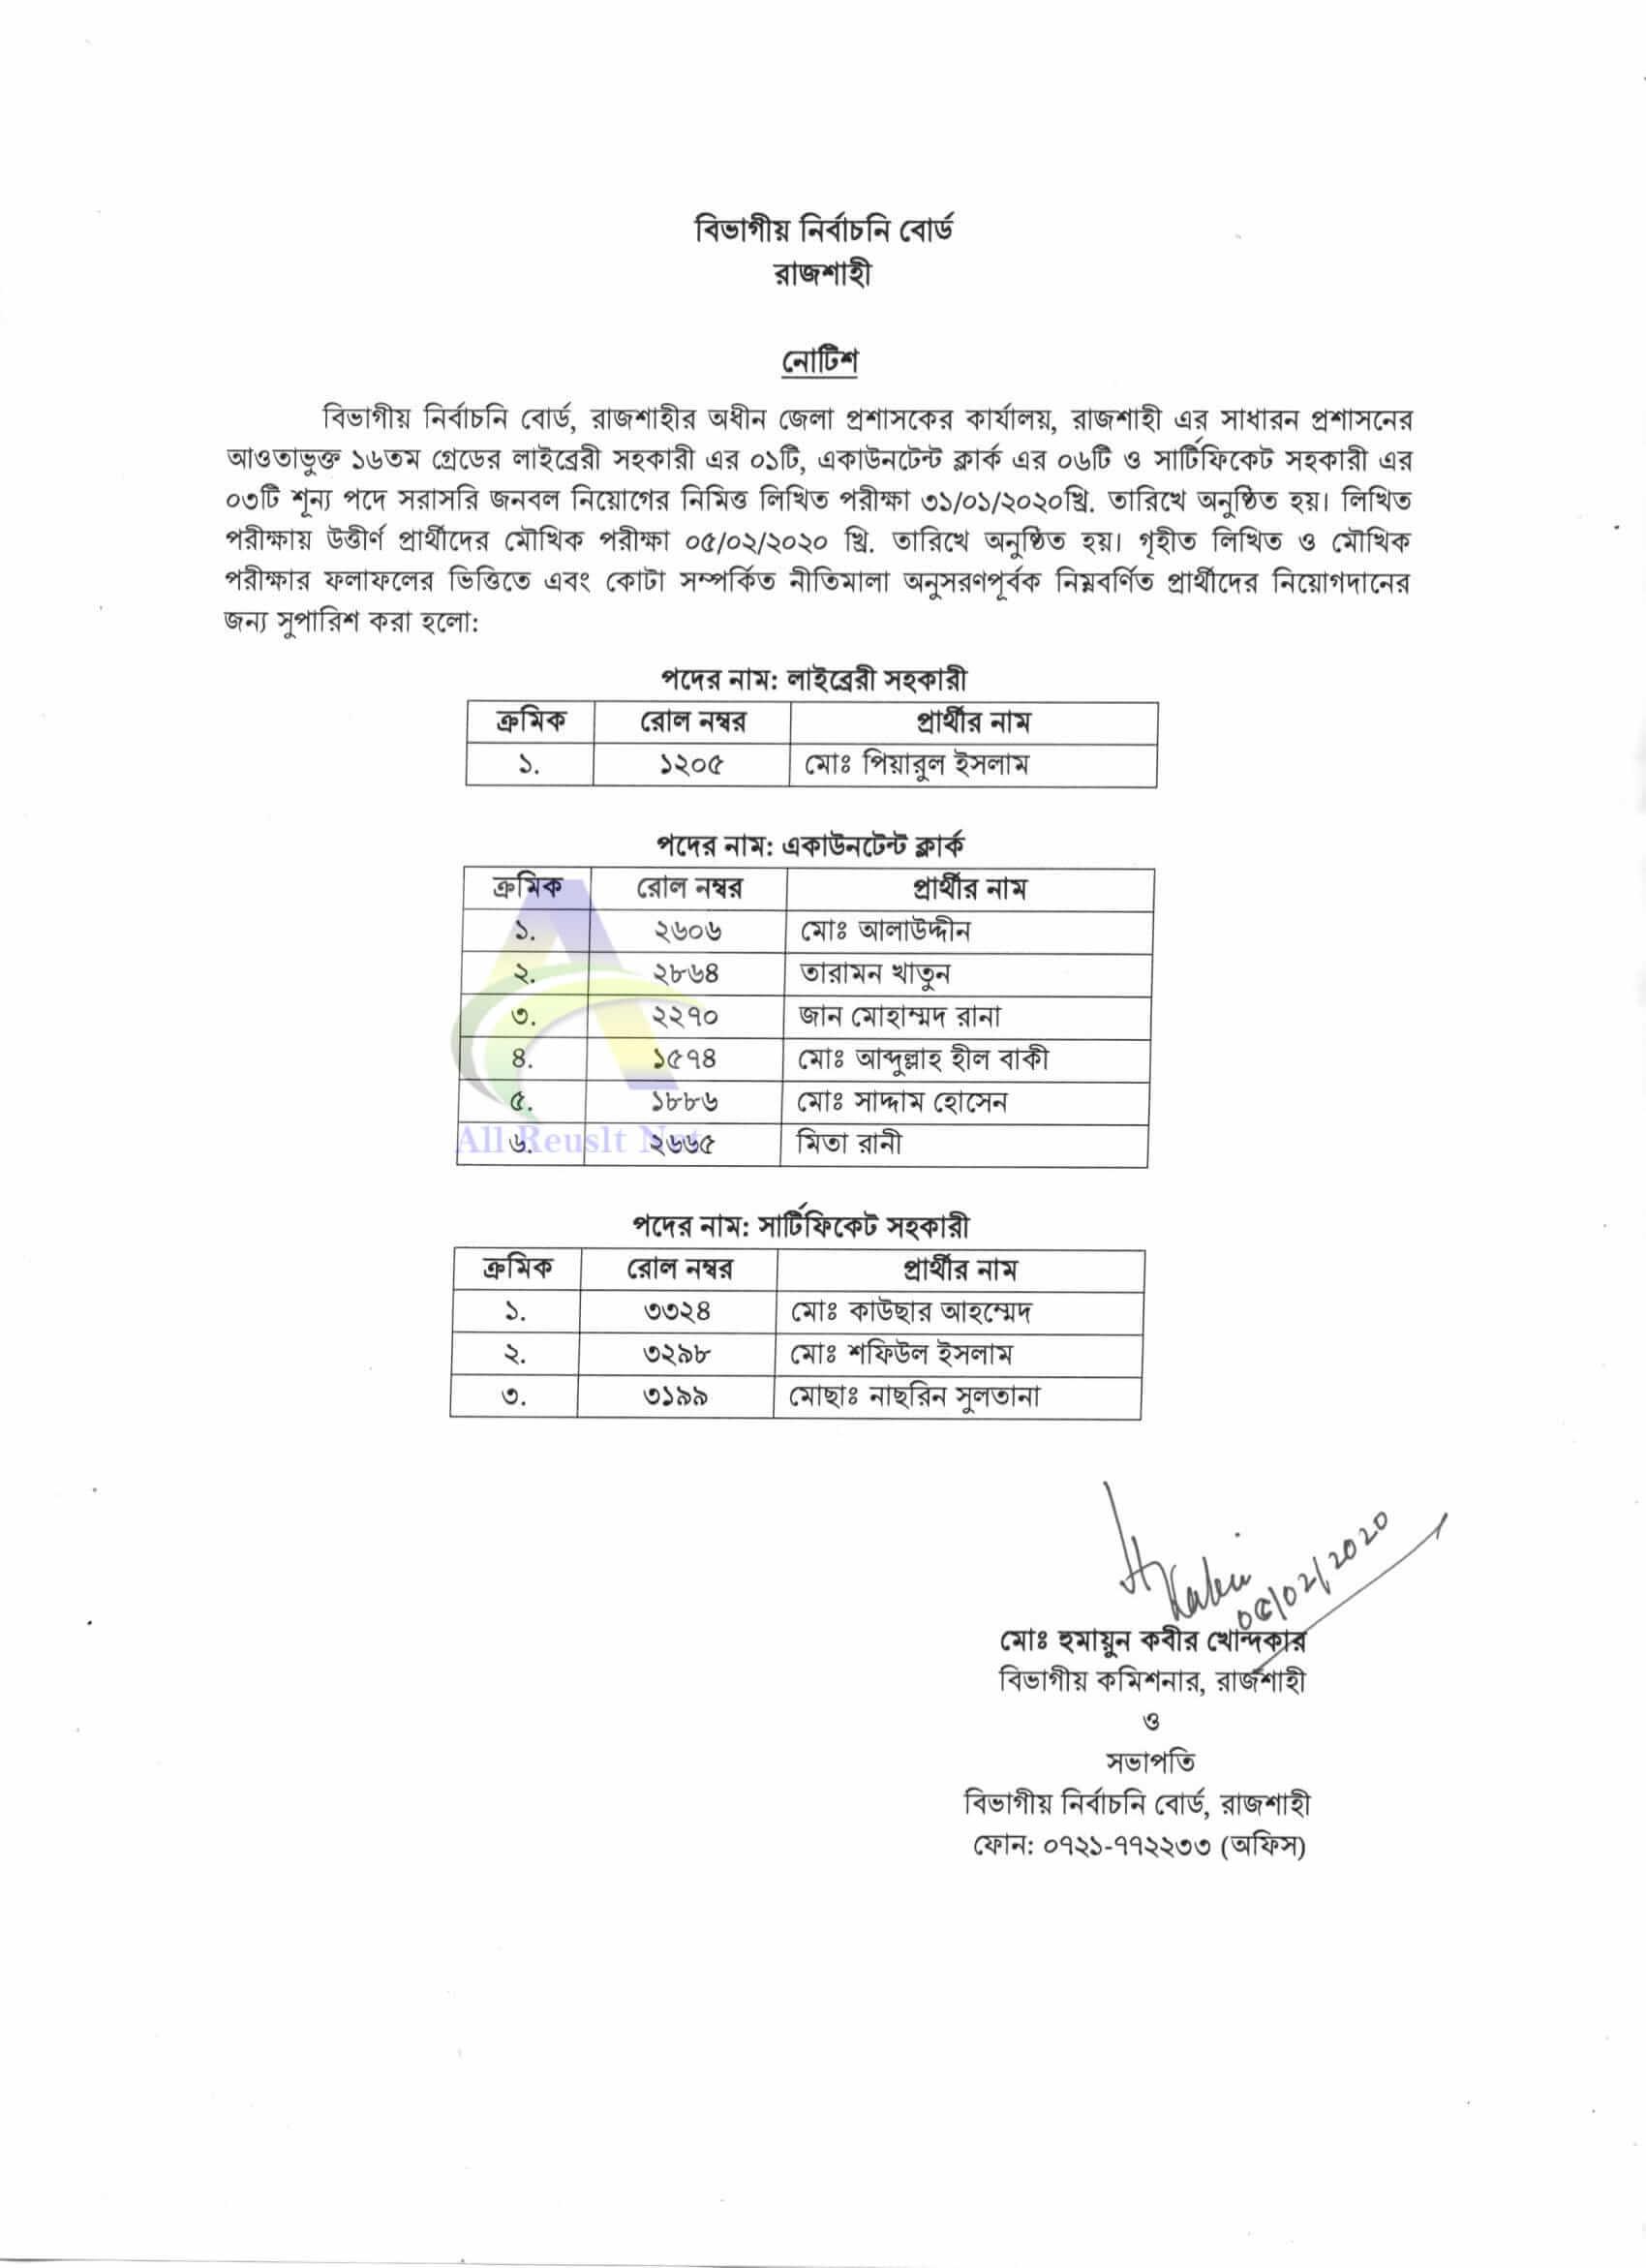 Rajshahi DC Office Result 2020